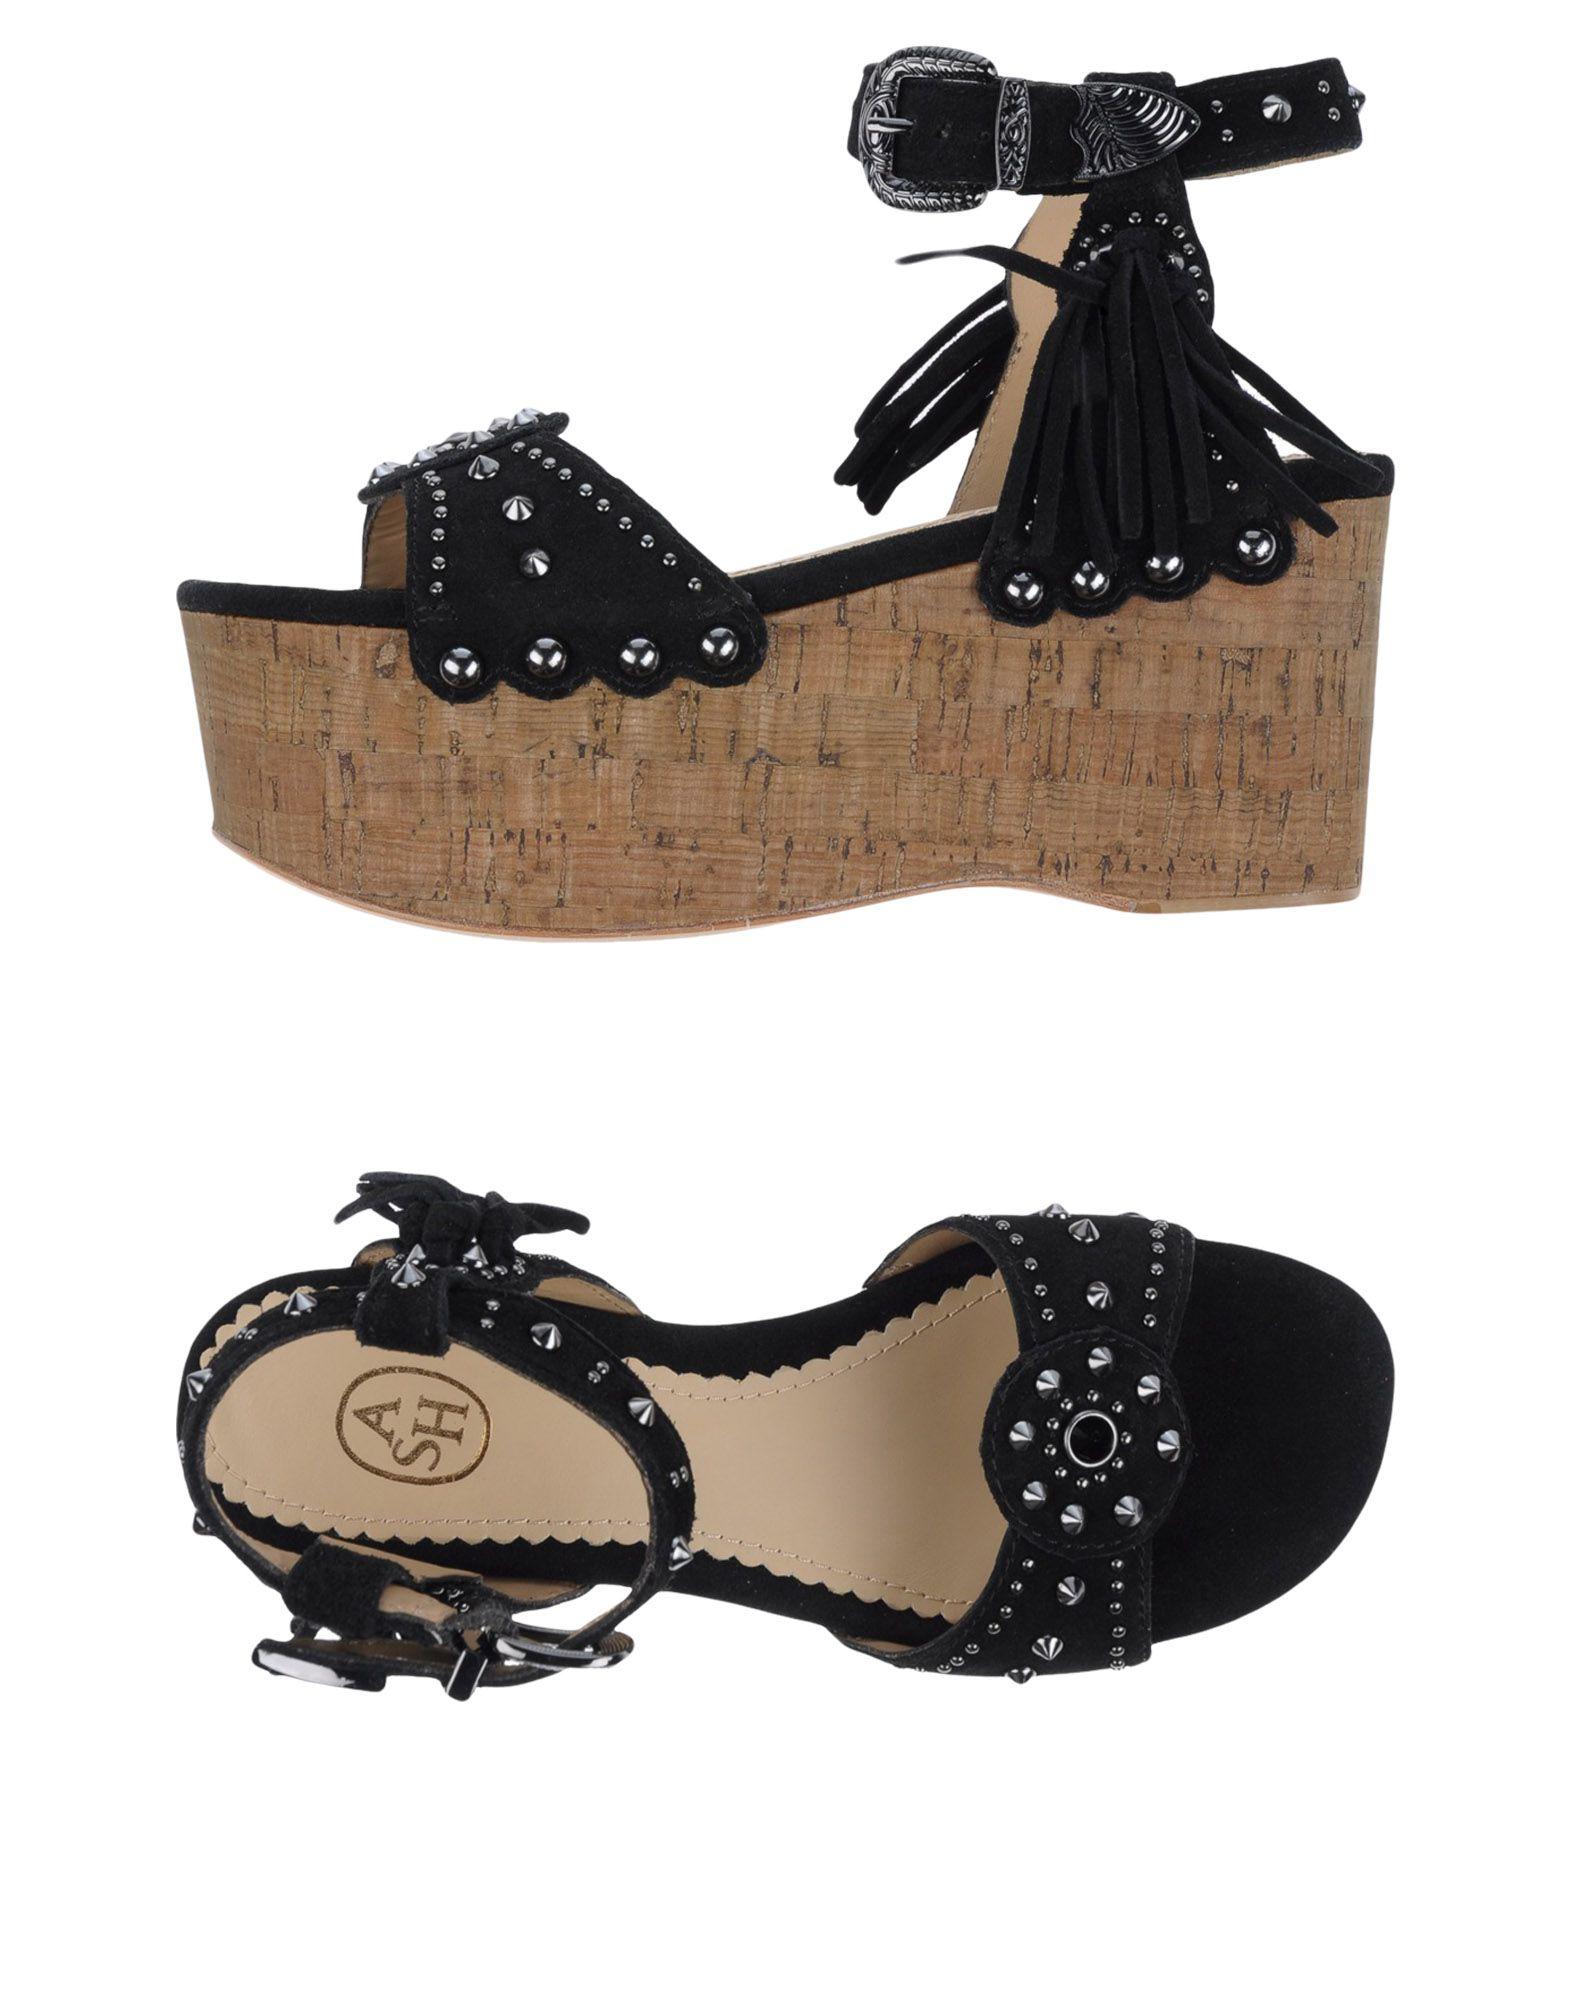 Ash Sandalen Damen  11138829HN 11138829HN 11138829HN Gute Qualität beliebte Schuhe 87babd